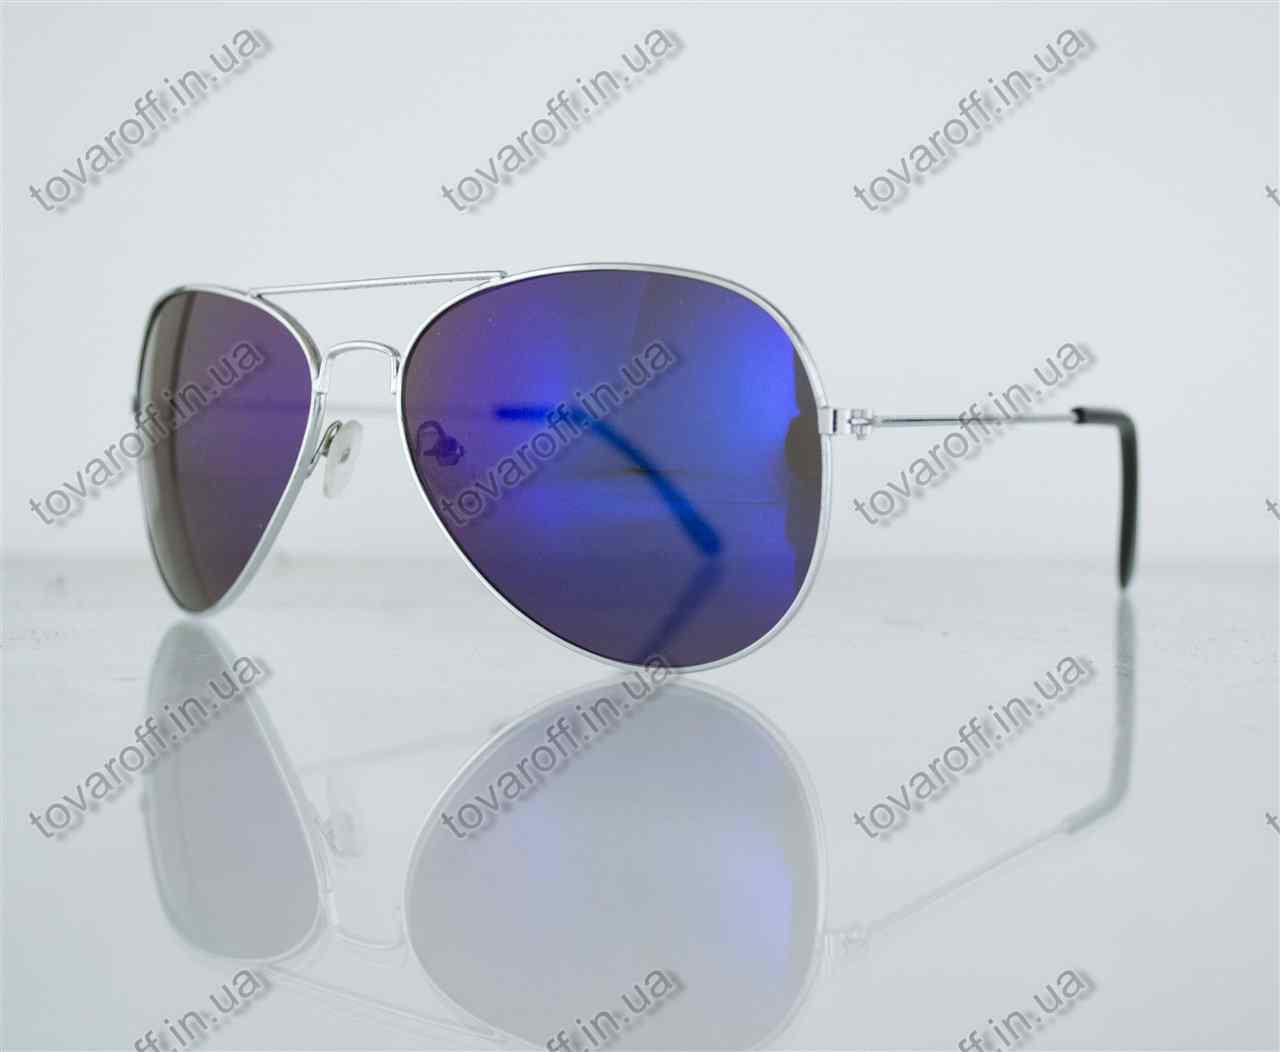 Очки унисекс солнцезащитные Aviator (Авиатор) зеркальные - Серебряные - 3008